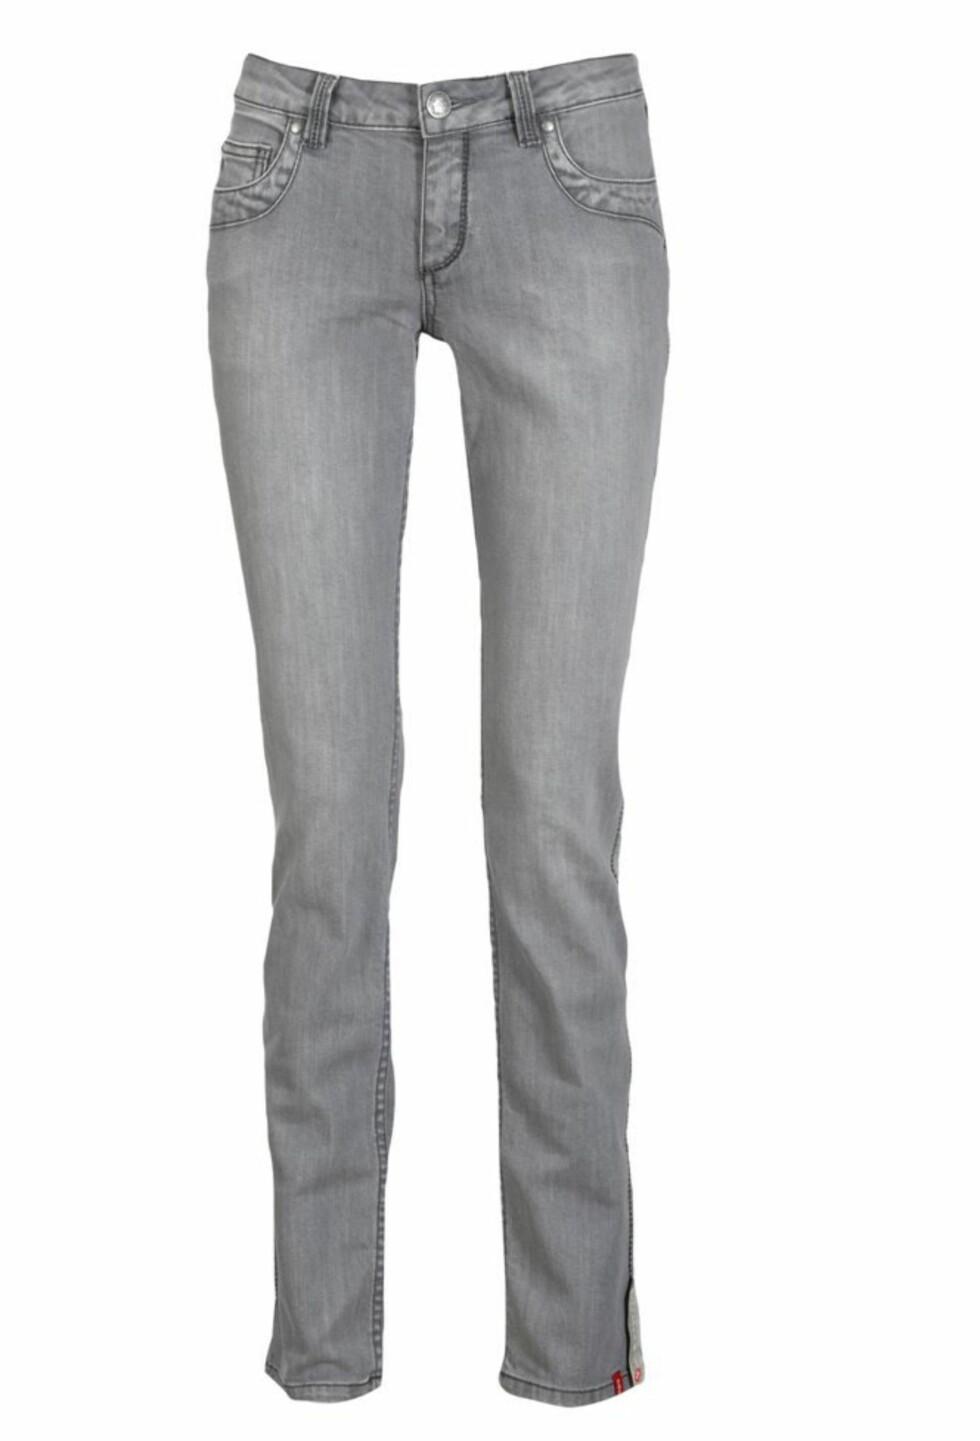 ELSKET AV KATE MOSS: Grå jeans som er fine oppi et par svarte skinnstøvletter (kr 700, Edc/Ellos.no).